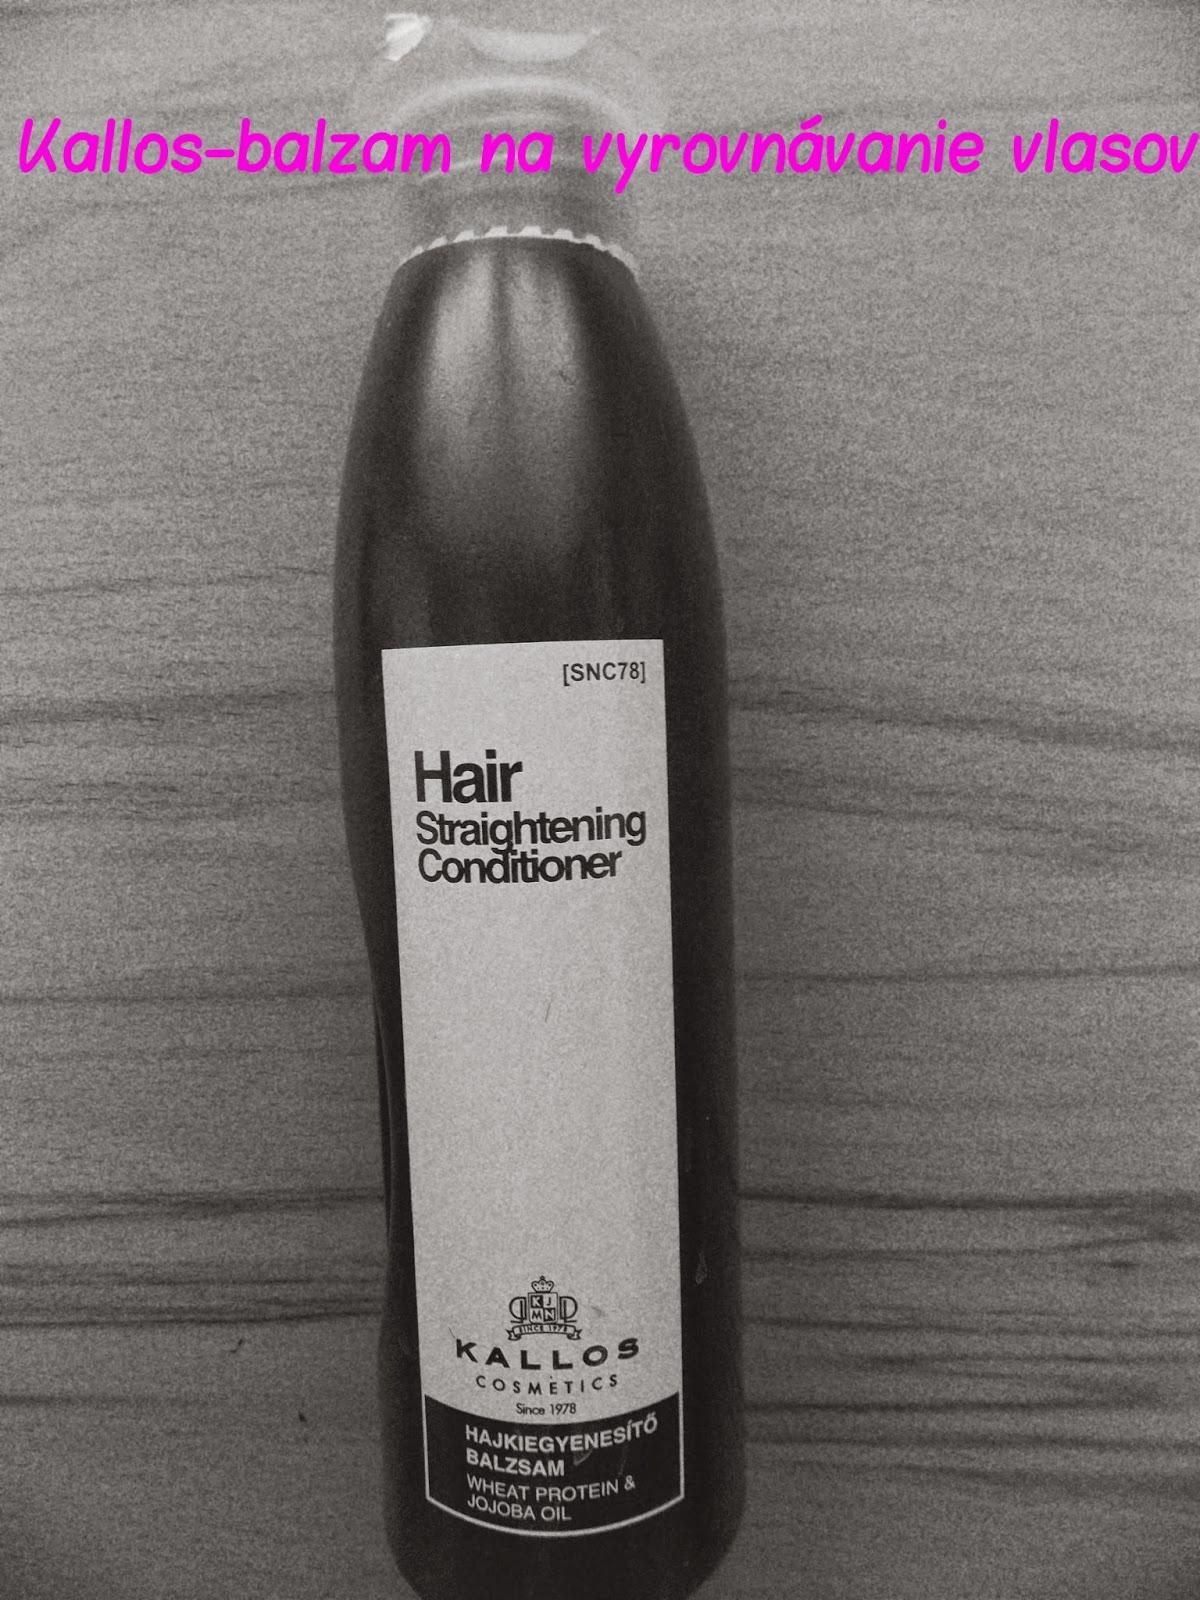 Na dnes mám pre Vás pripravenú recenziu na produkt značky Kallos. Jedná sa  o balzam na vyrovnávanie vlasov. Uspel  Čítajte ďalej!  ) 0b164fdae4f